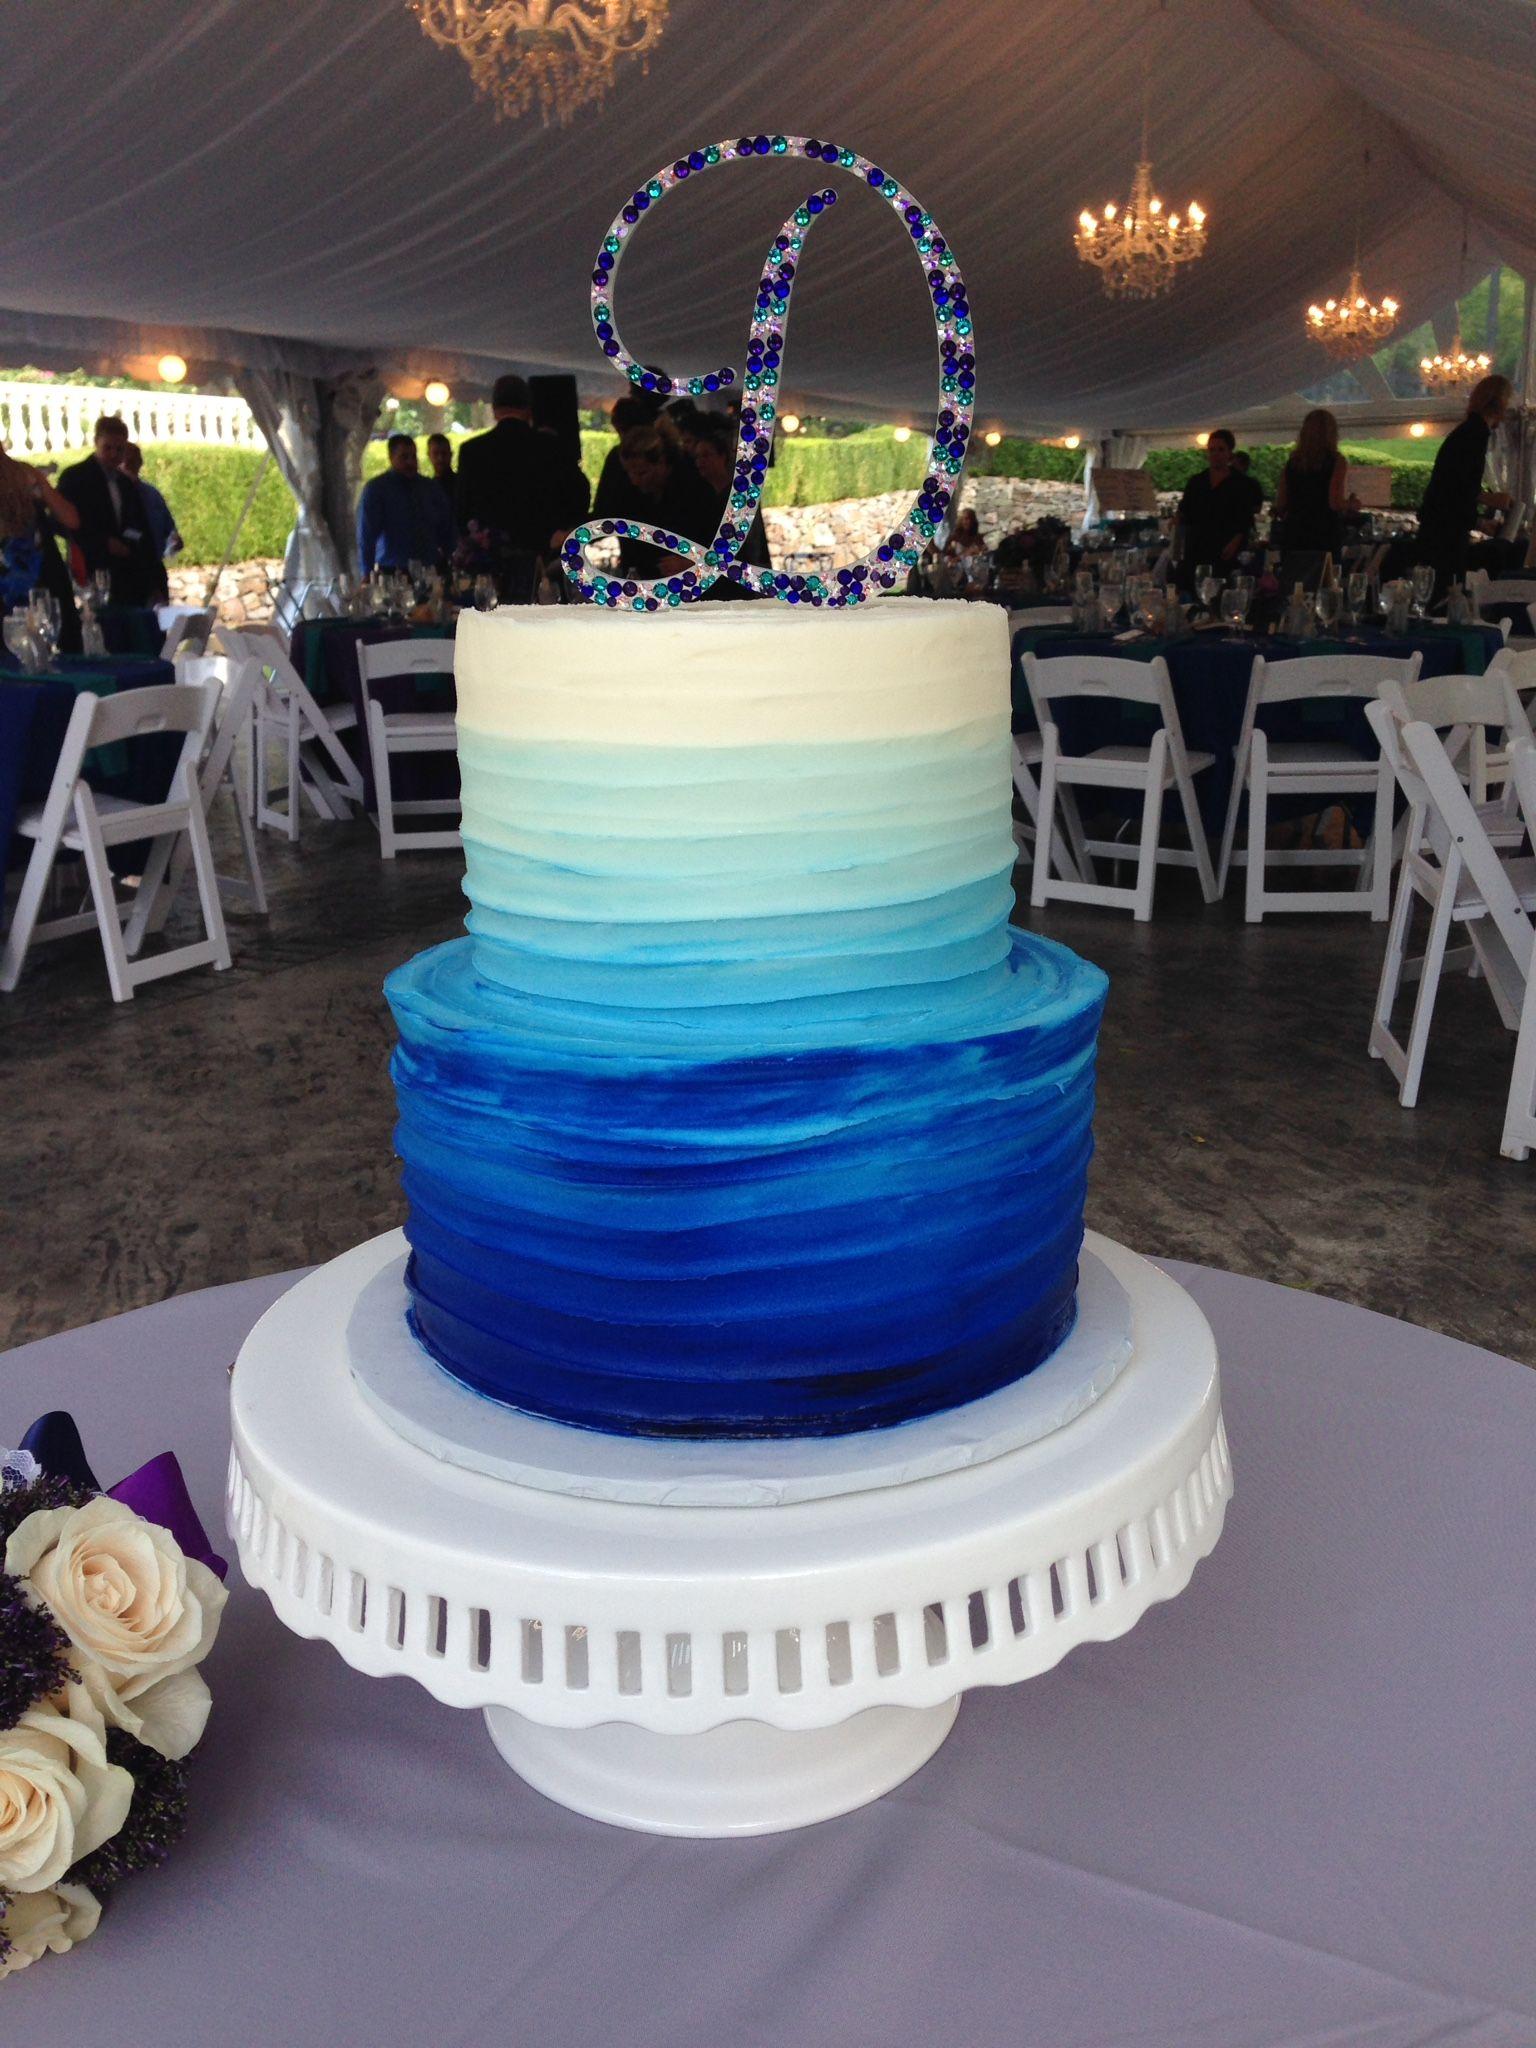 Textured buttercream wedding cake 2 tier blue ombre Rettews